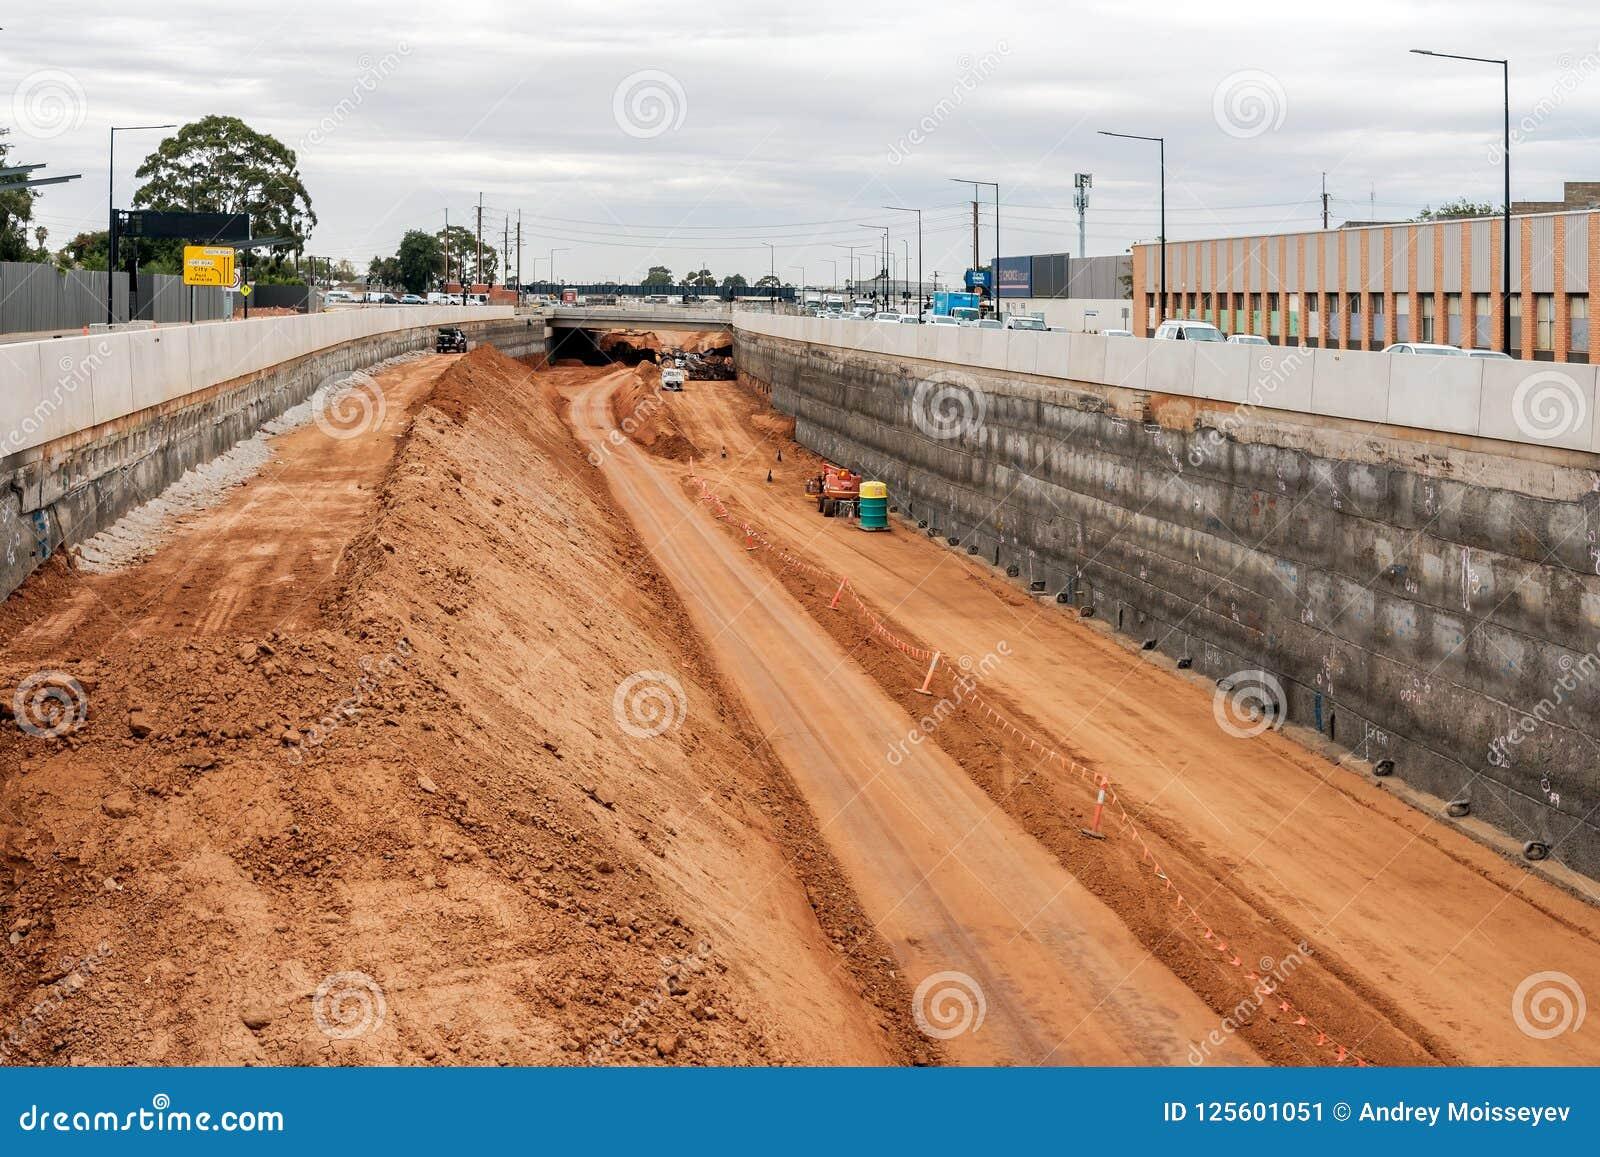 Södra vägmotorwayförbättring i Adelaide, södra Australien